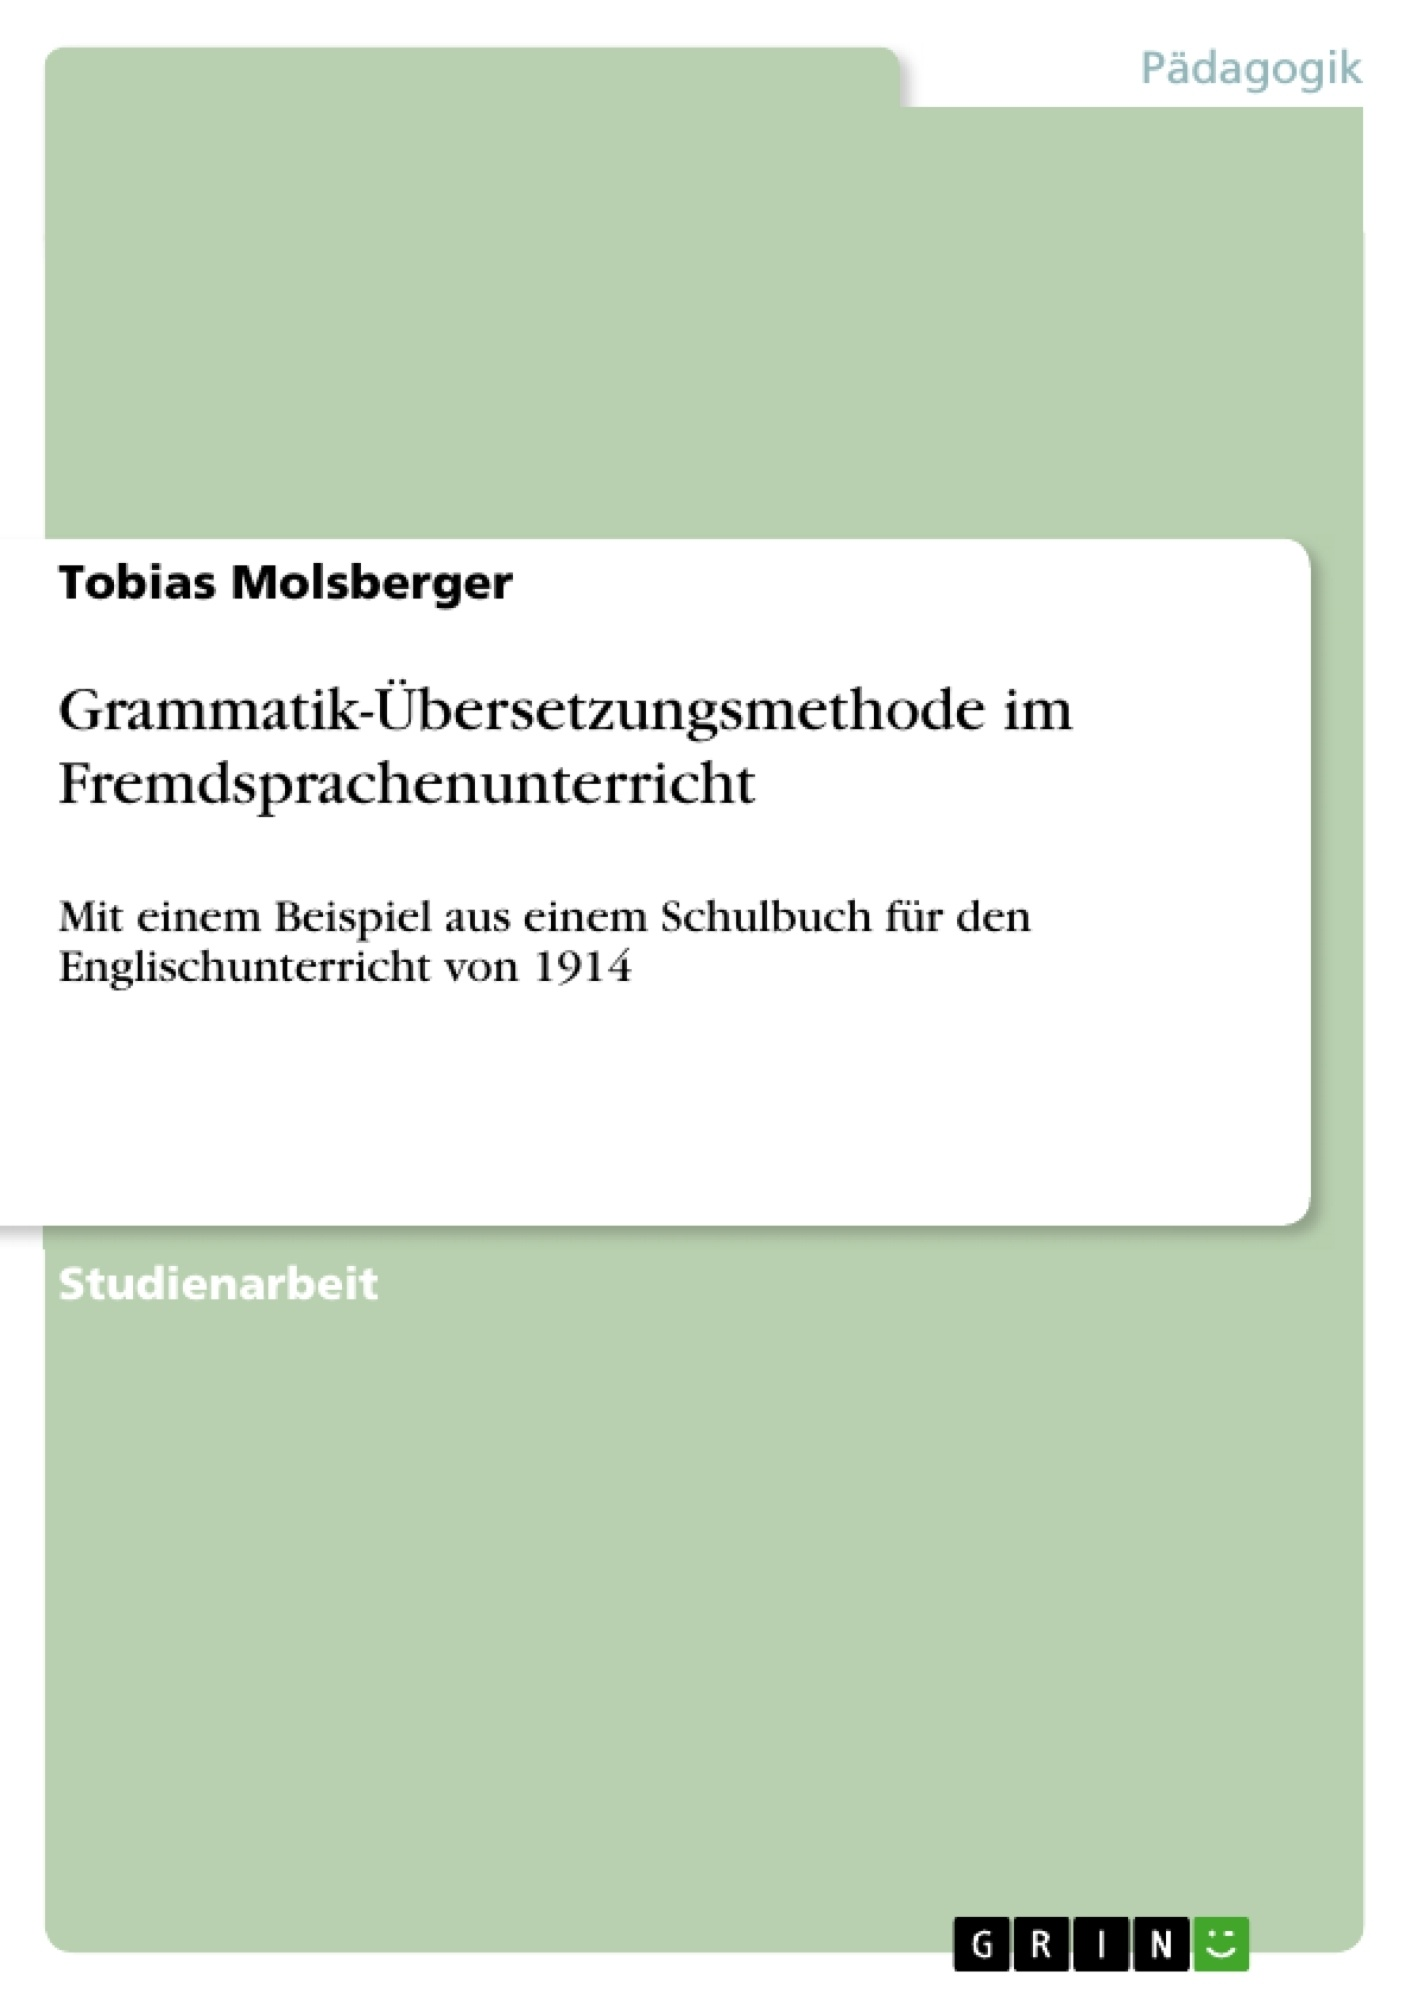 Titel: Grammatik-Übersetzungsmethode im Fremdsprachenunterricht